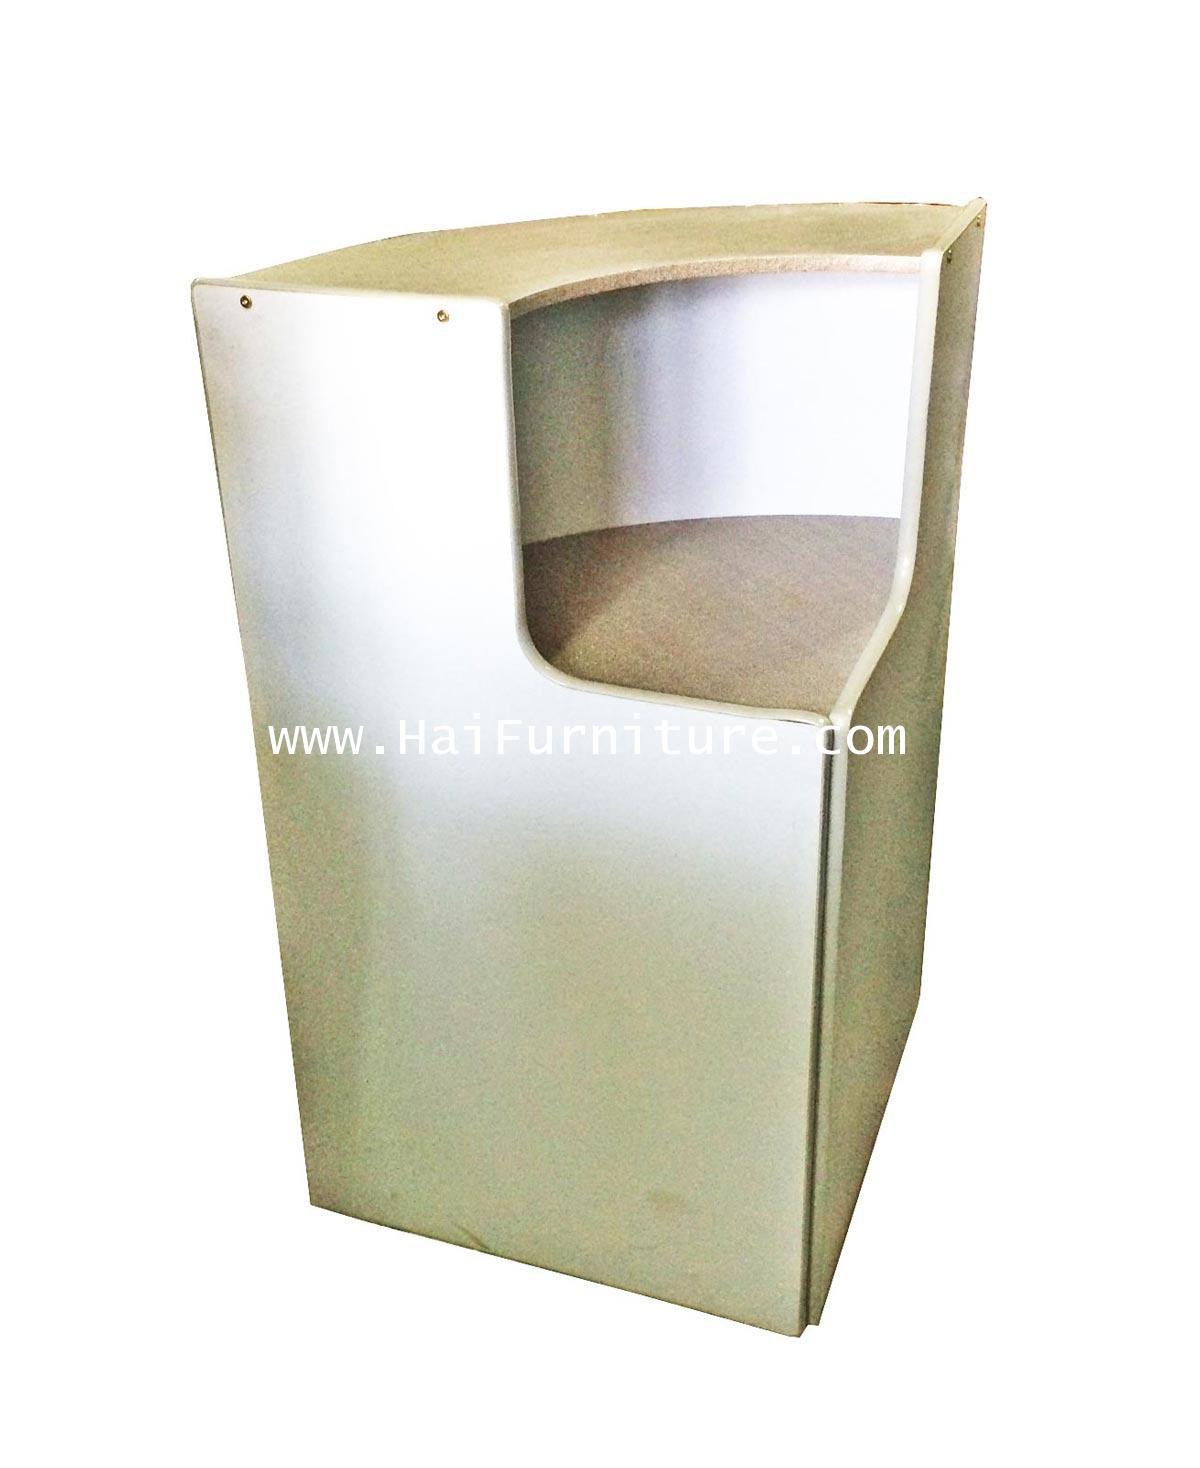 เคาท์เตอร์มุม หน้า PVC สีแกรนิต/เทา 60*60*110 cm